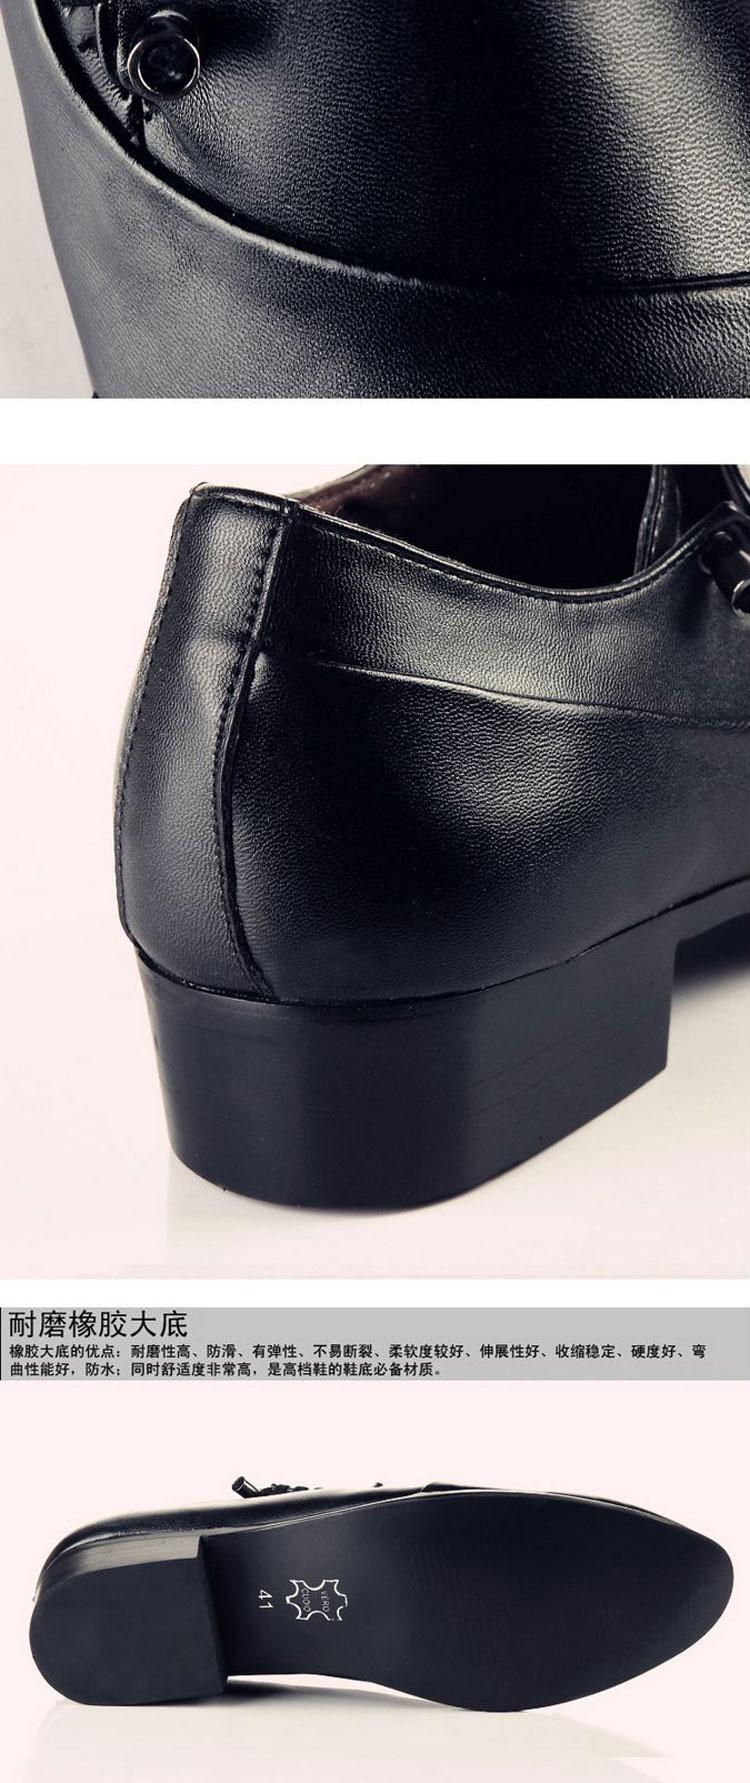 2014新款 商务休闲鞋